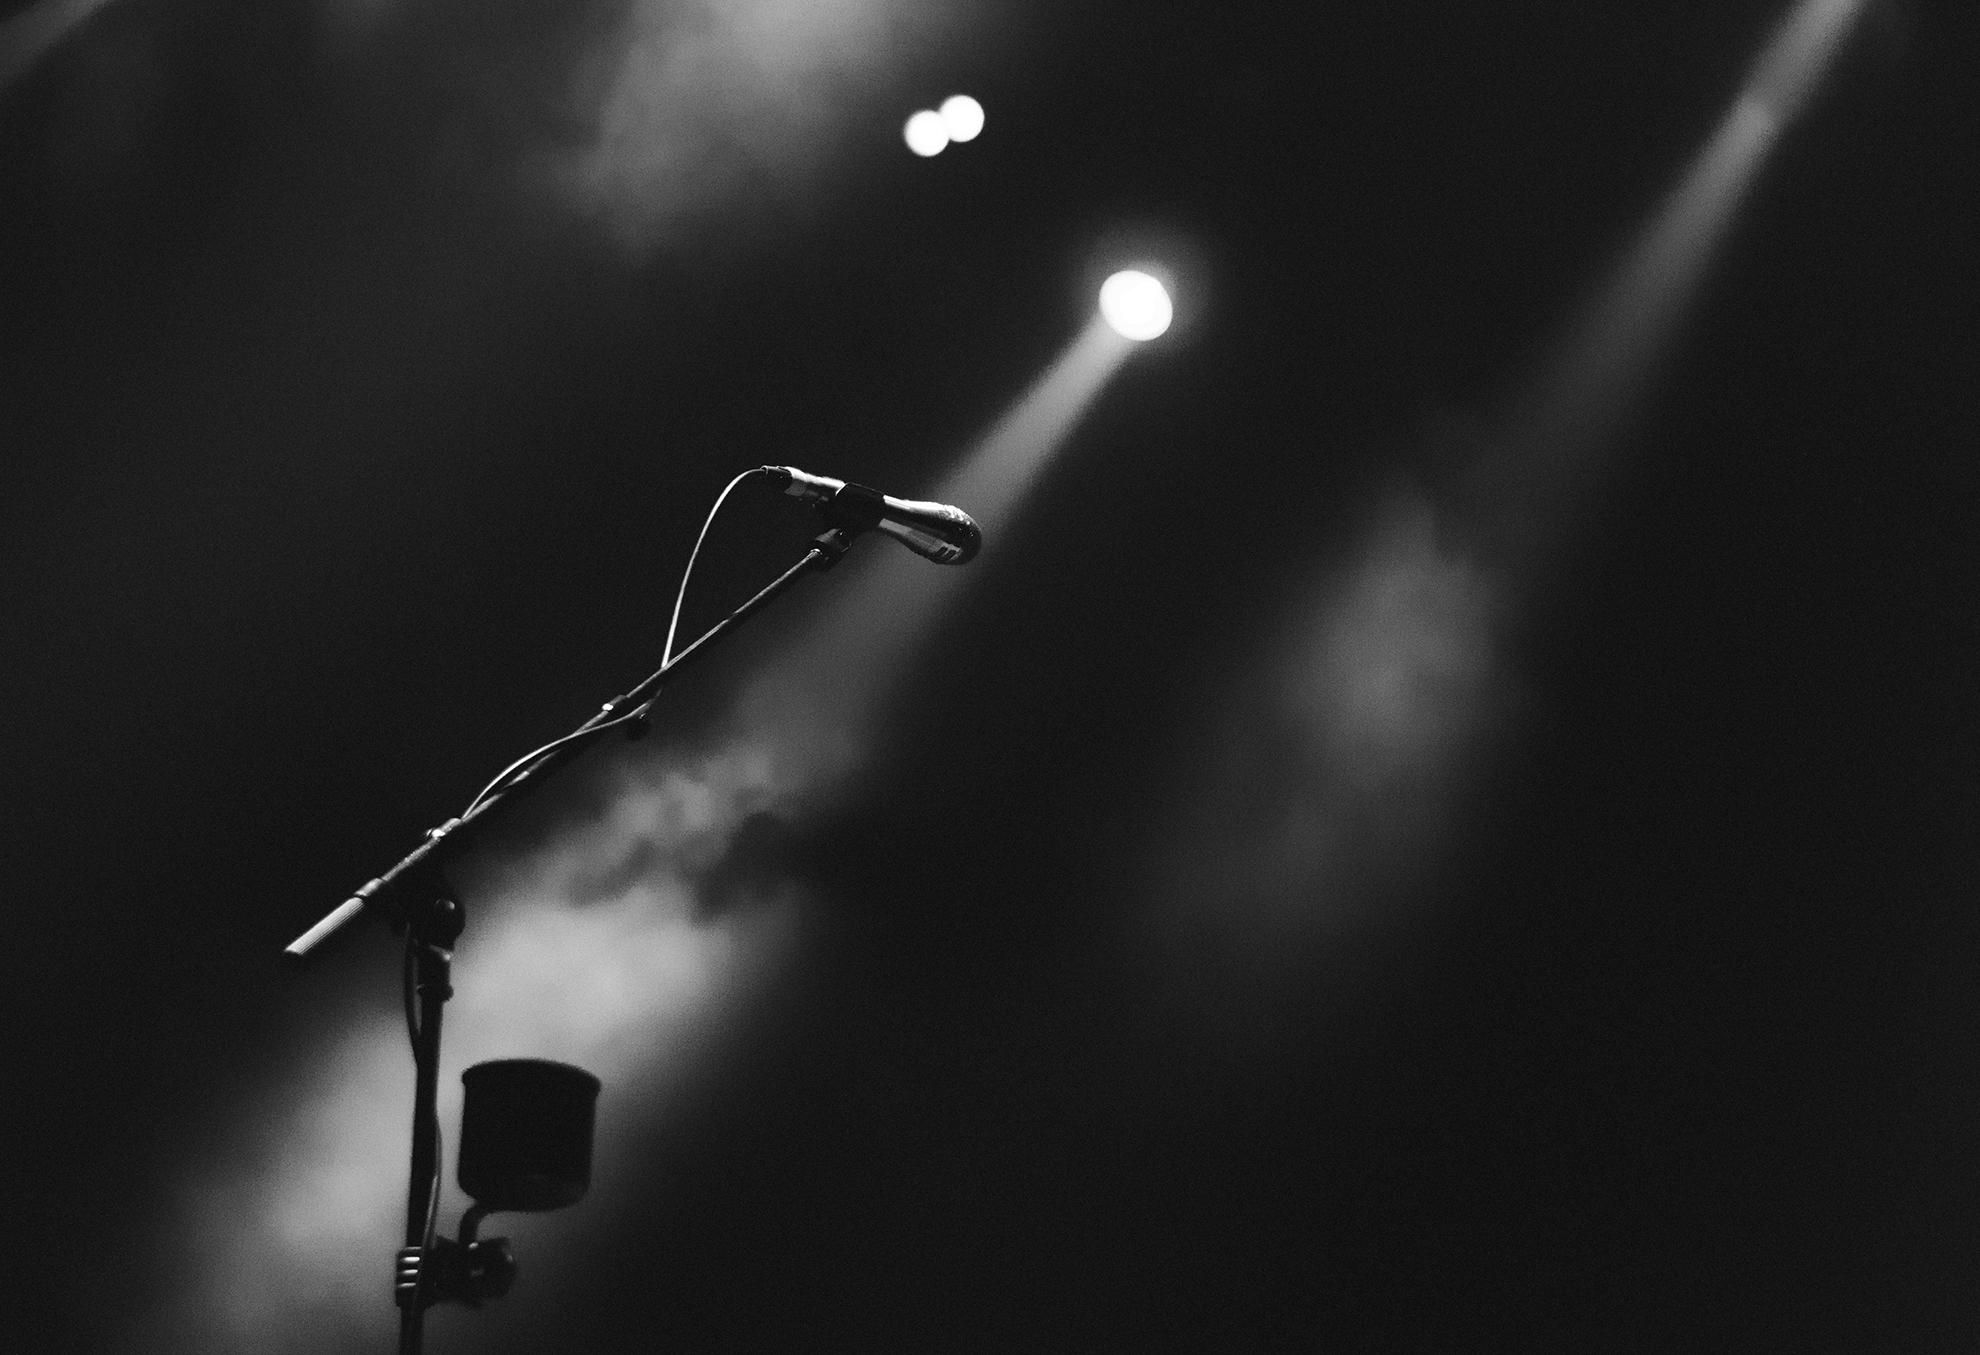 Ein Schwarz-Weiß-Bild eines Mikrofons auf der Bühne